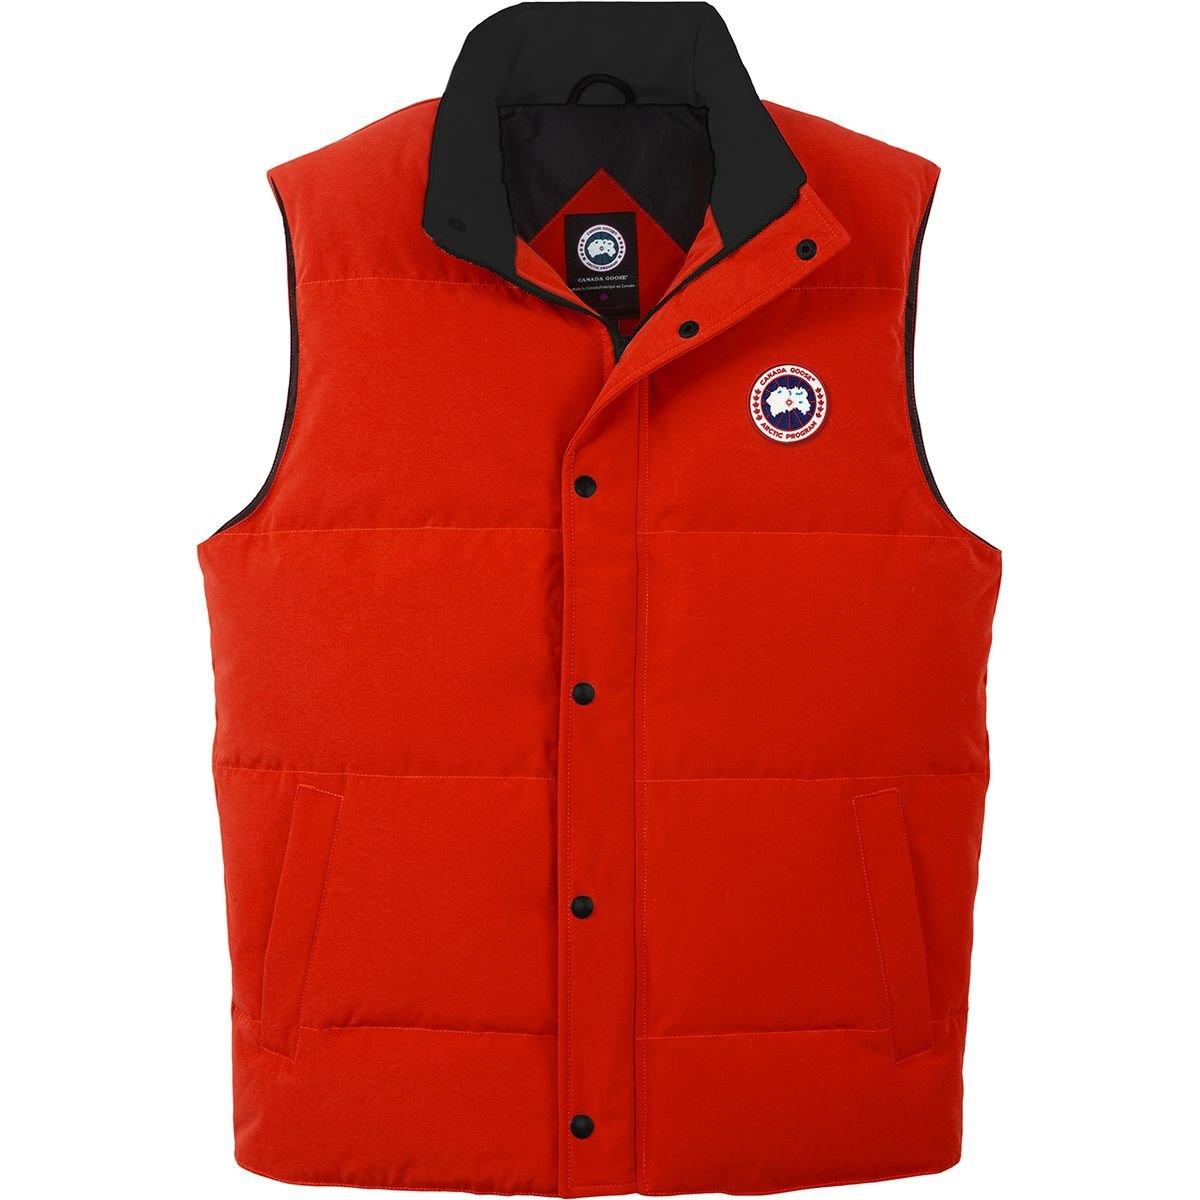 (カナダグース)Canada Goose Garson Down Vest メンズ ベストRed [並行輸入品] B07842SH64  Red 日本サイズ LL (US L)